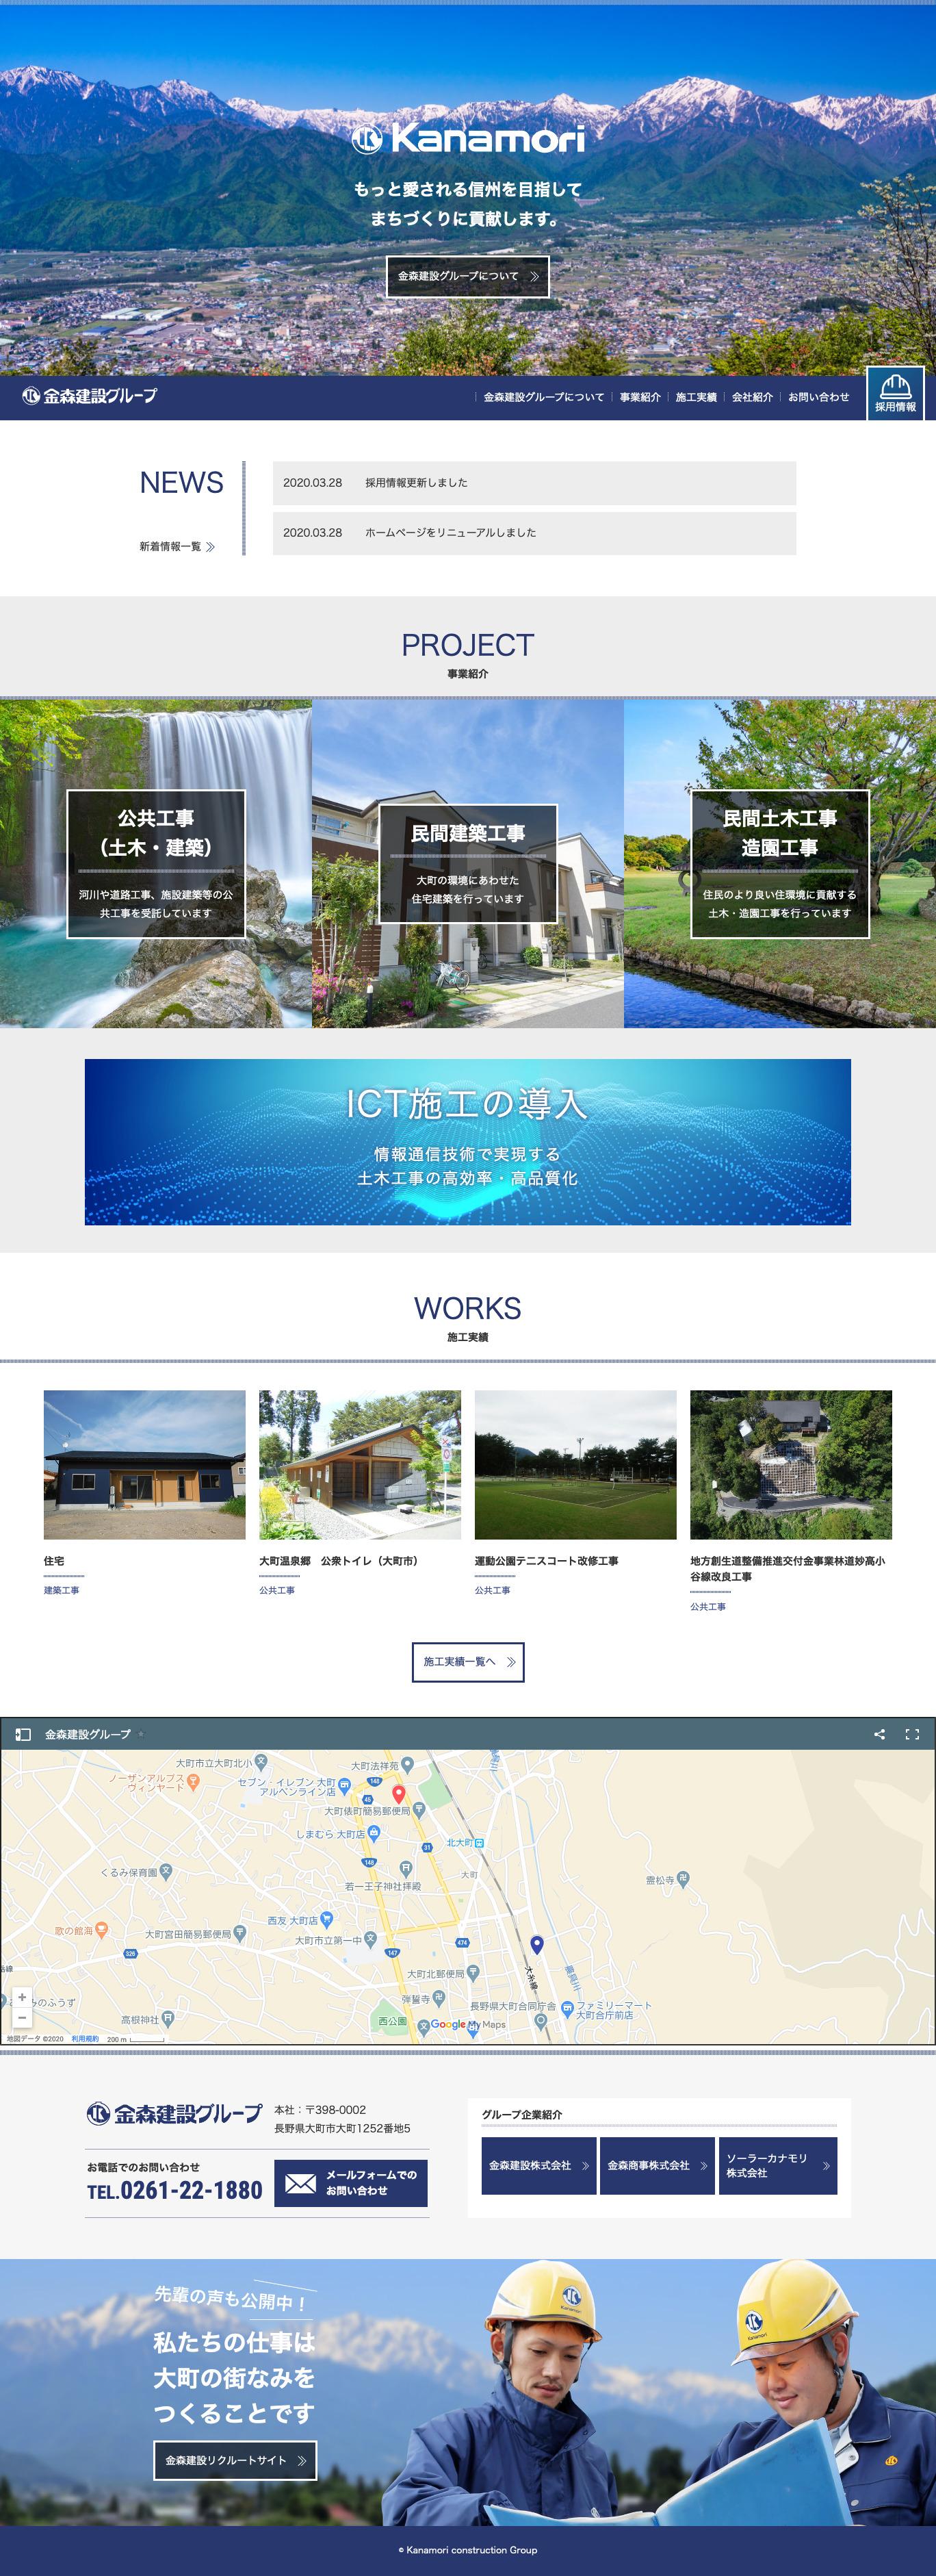 金森建設グループ  コーポレートサイトpcイメージ